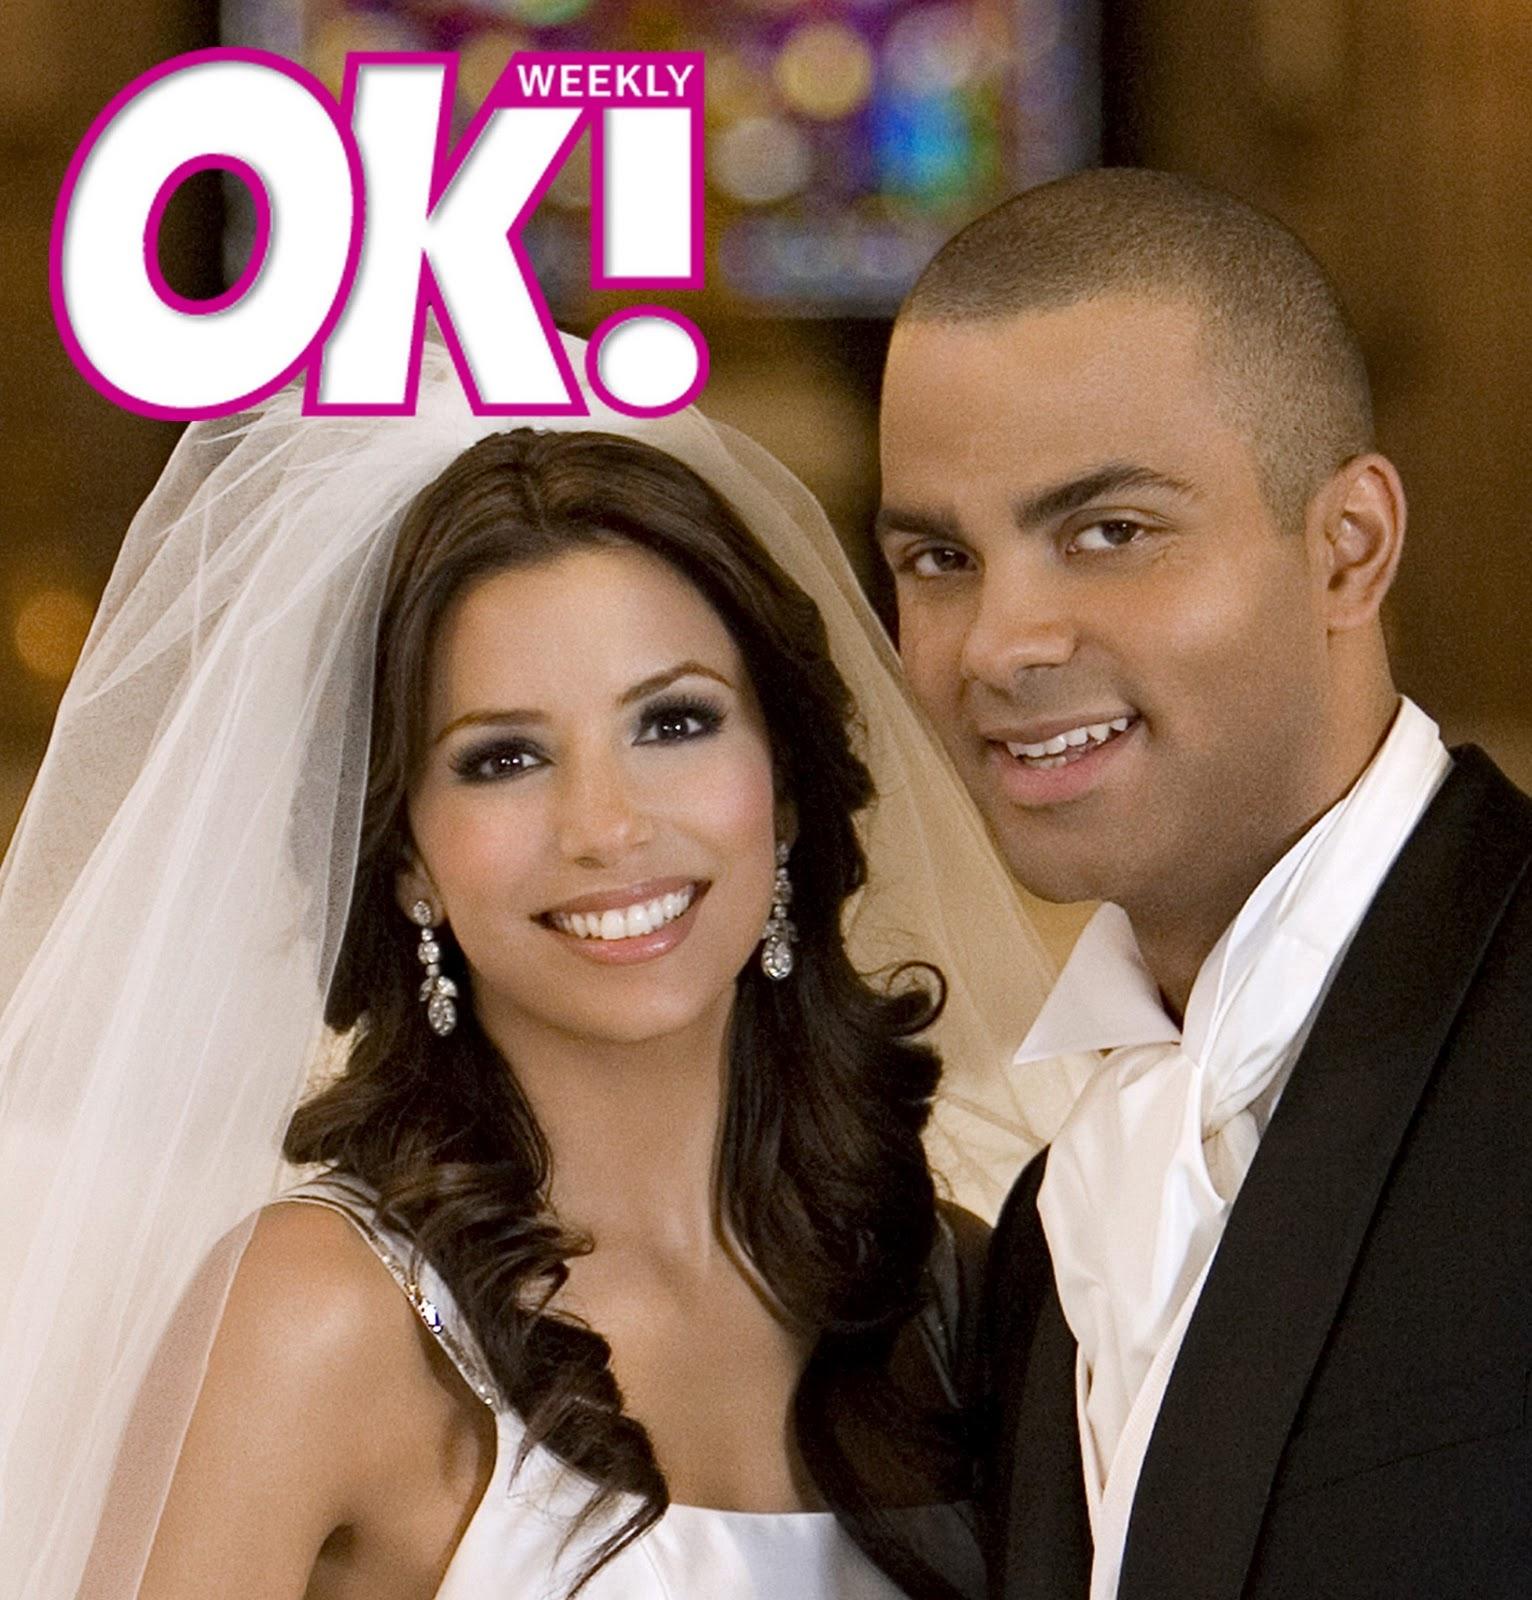 http://2.bp.blogspot.com/-XPV_UKn4btc/ToCribEL_5I/AAAAAAAAARg/n9Tb6AM7YqM/s1600/eva-longoria_net-okmagazine2007jul23-wedding-01.jpg